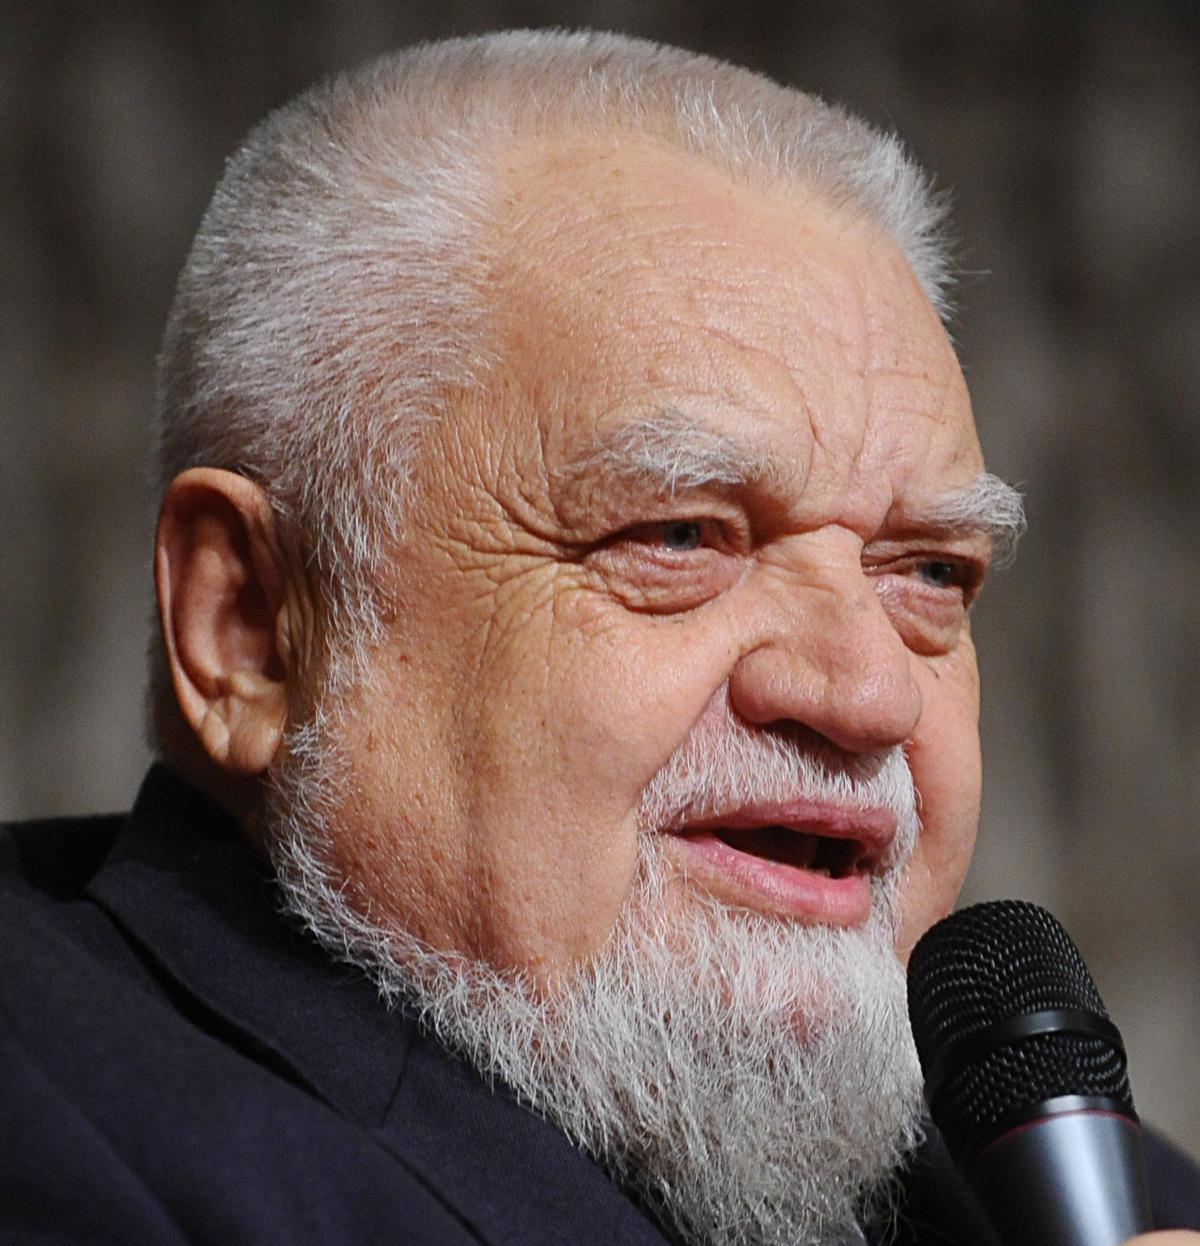 Enzo Bianchi, fondatore della Comunità monastica di Bose